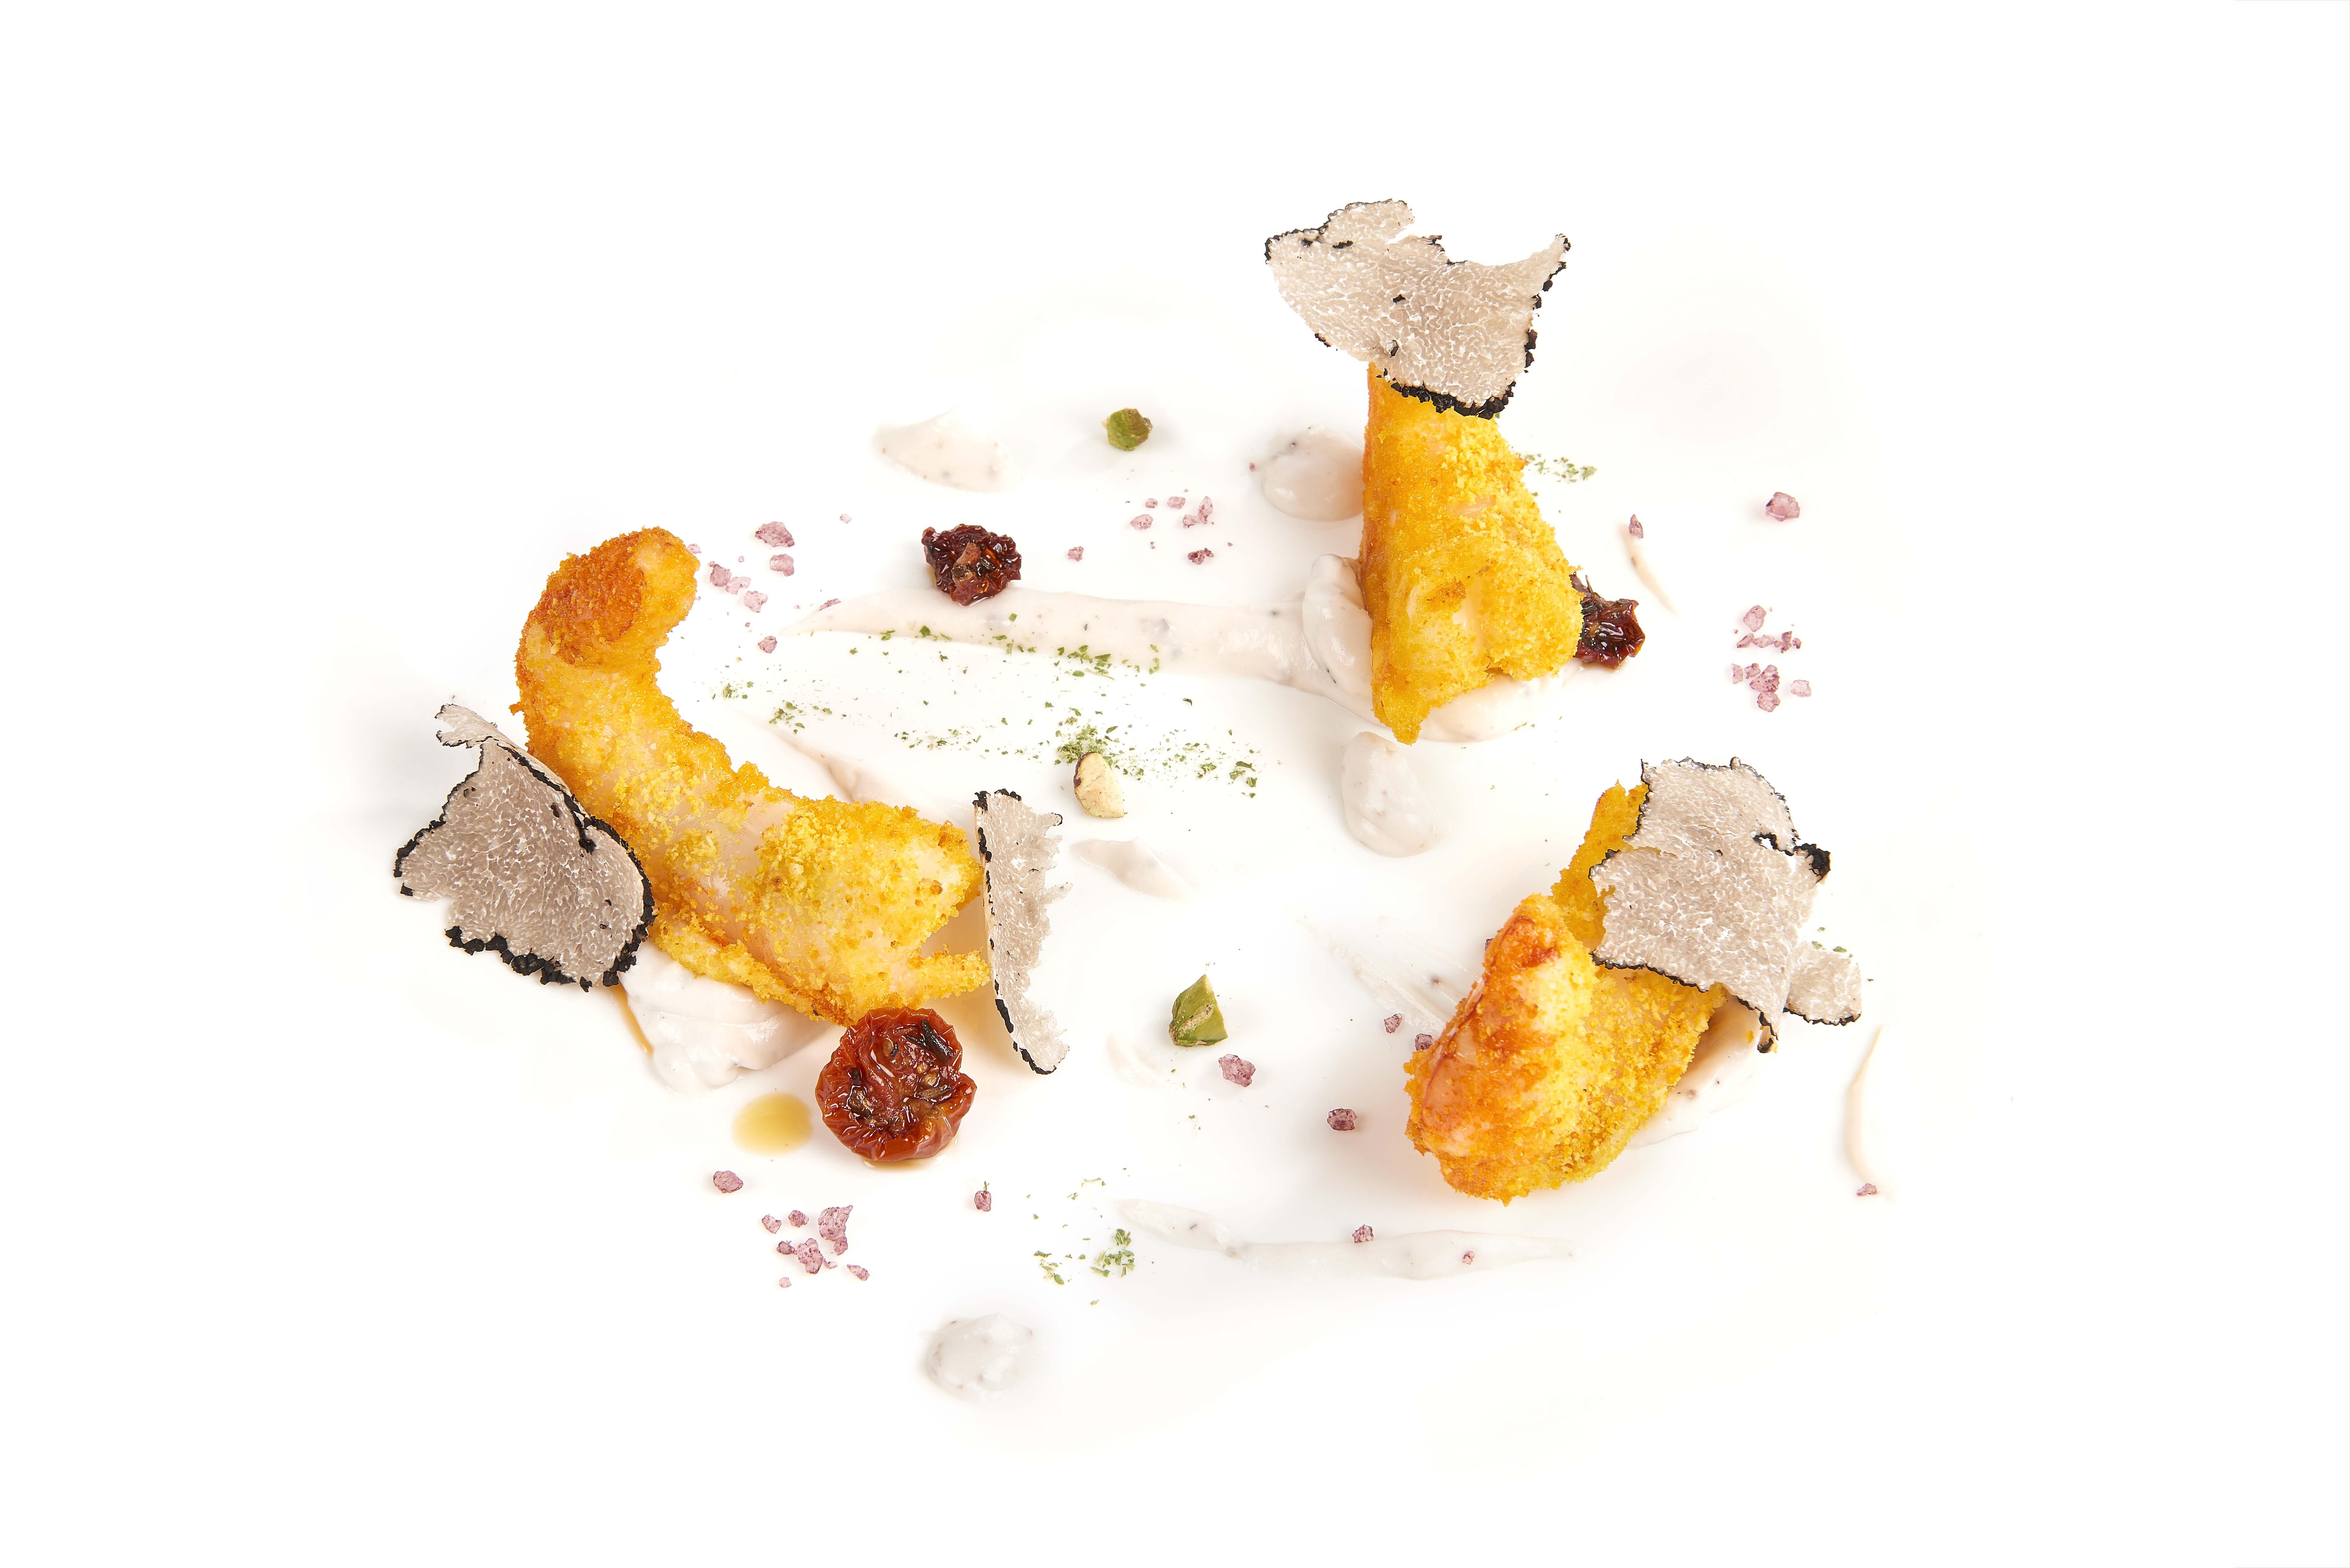 Gamberi in panura di zafferano con maionese vegana al Tartufo Nero